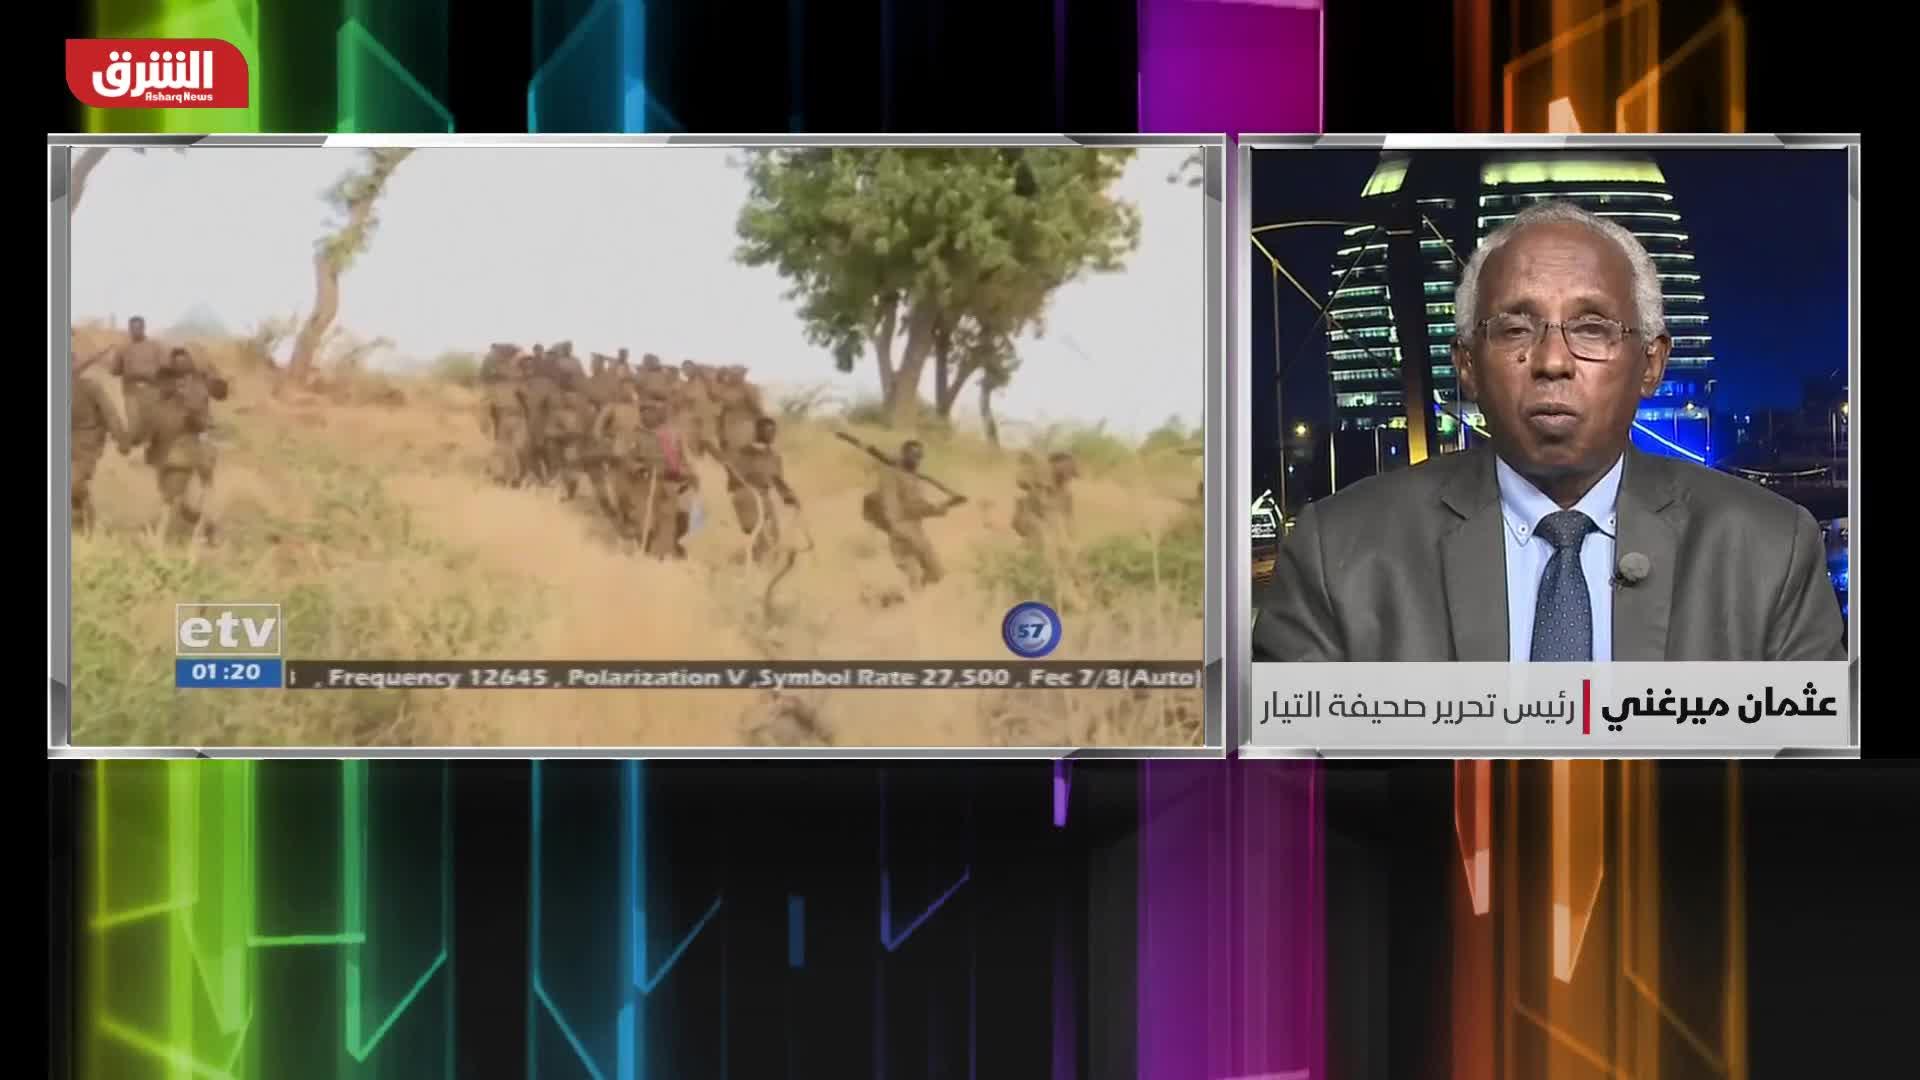 معبر القلابات.. تطور إثيوبي سوداني